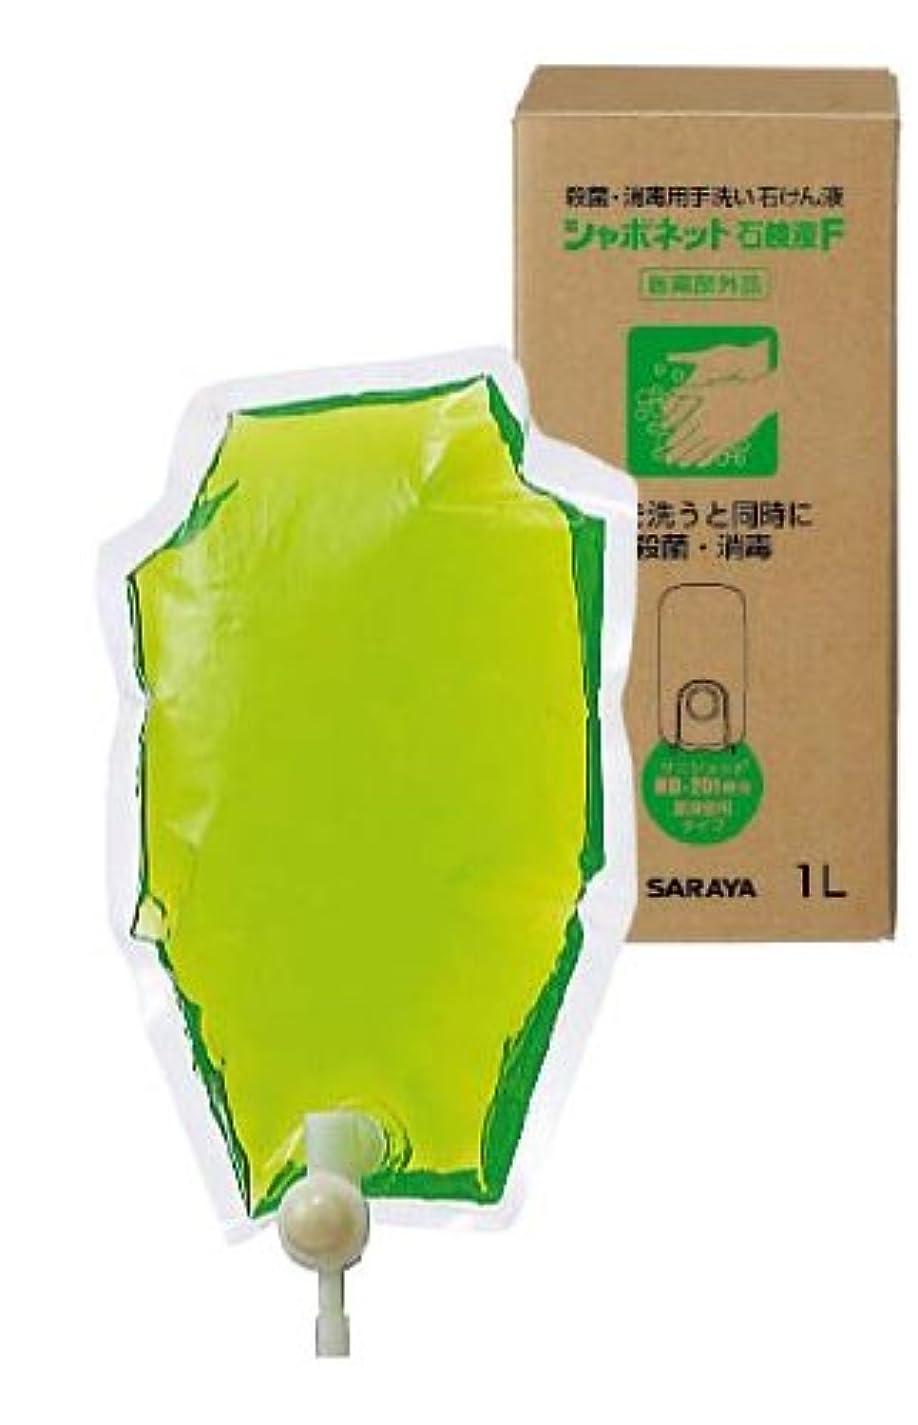 慣性警官ファンネルウェブスパイダーディスポーザブル式薬液ディスペンサー MD-201S用シャボネット(R) 石鹸液F